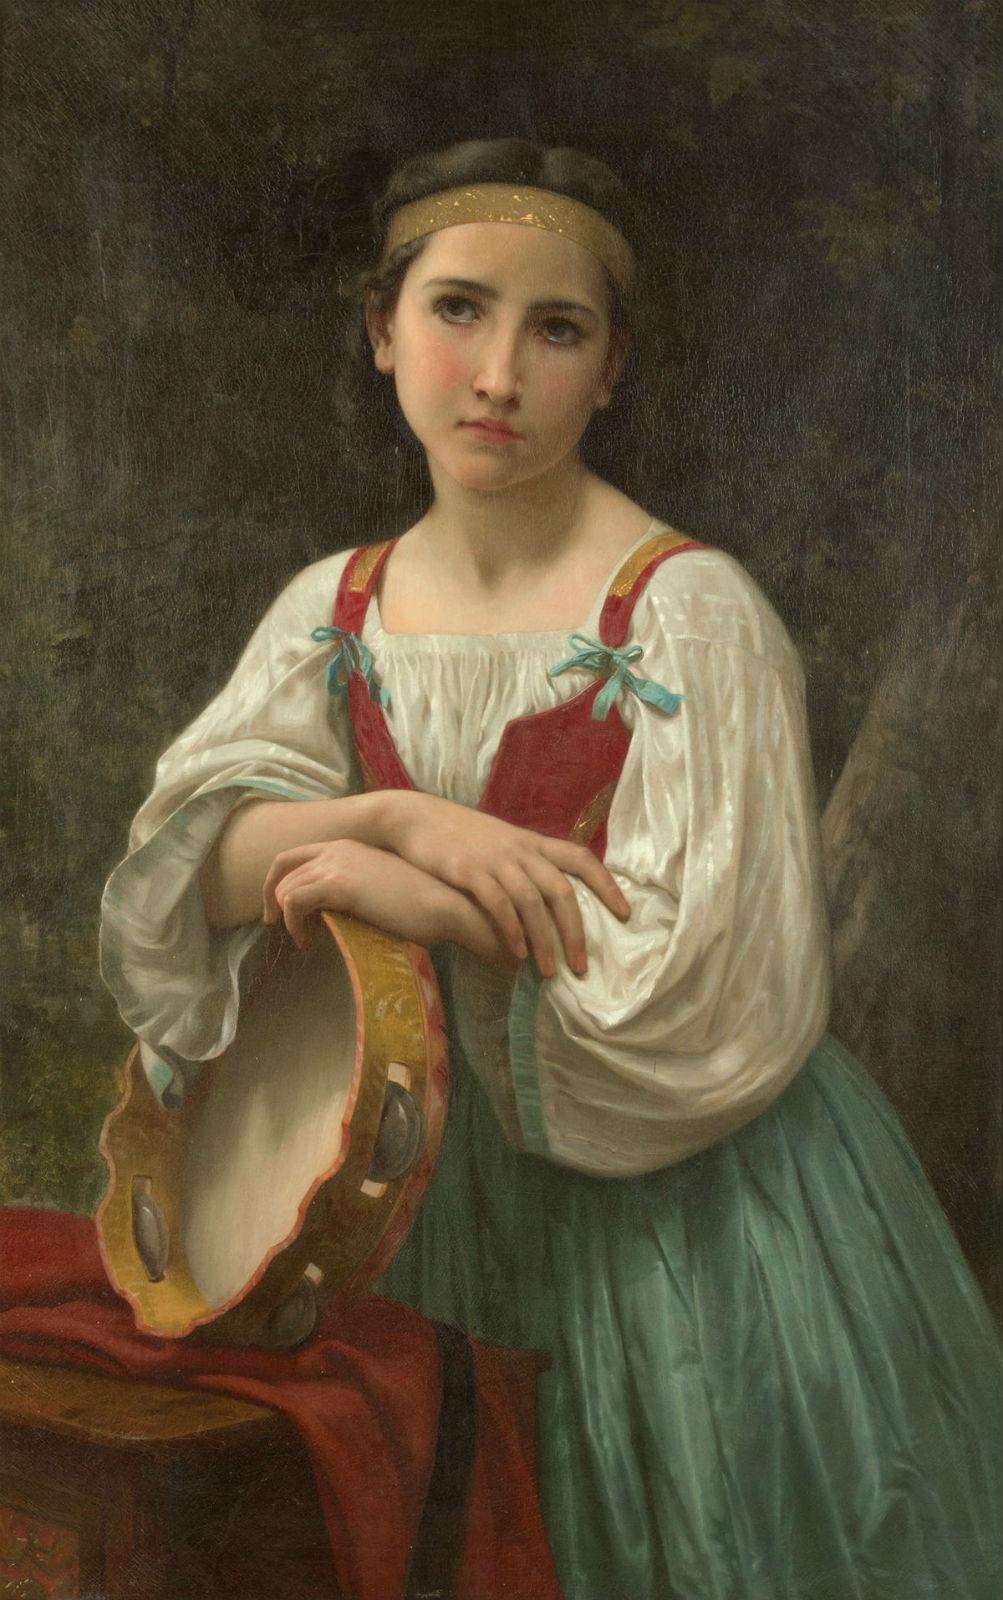 William Adolphe Bouguereau, 'Bohémienne au tambor de Basque.' Price realized: $334,000. Heritage Auctions image